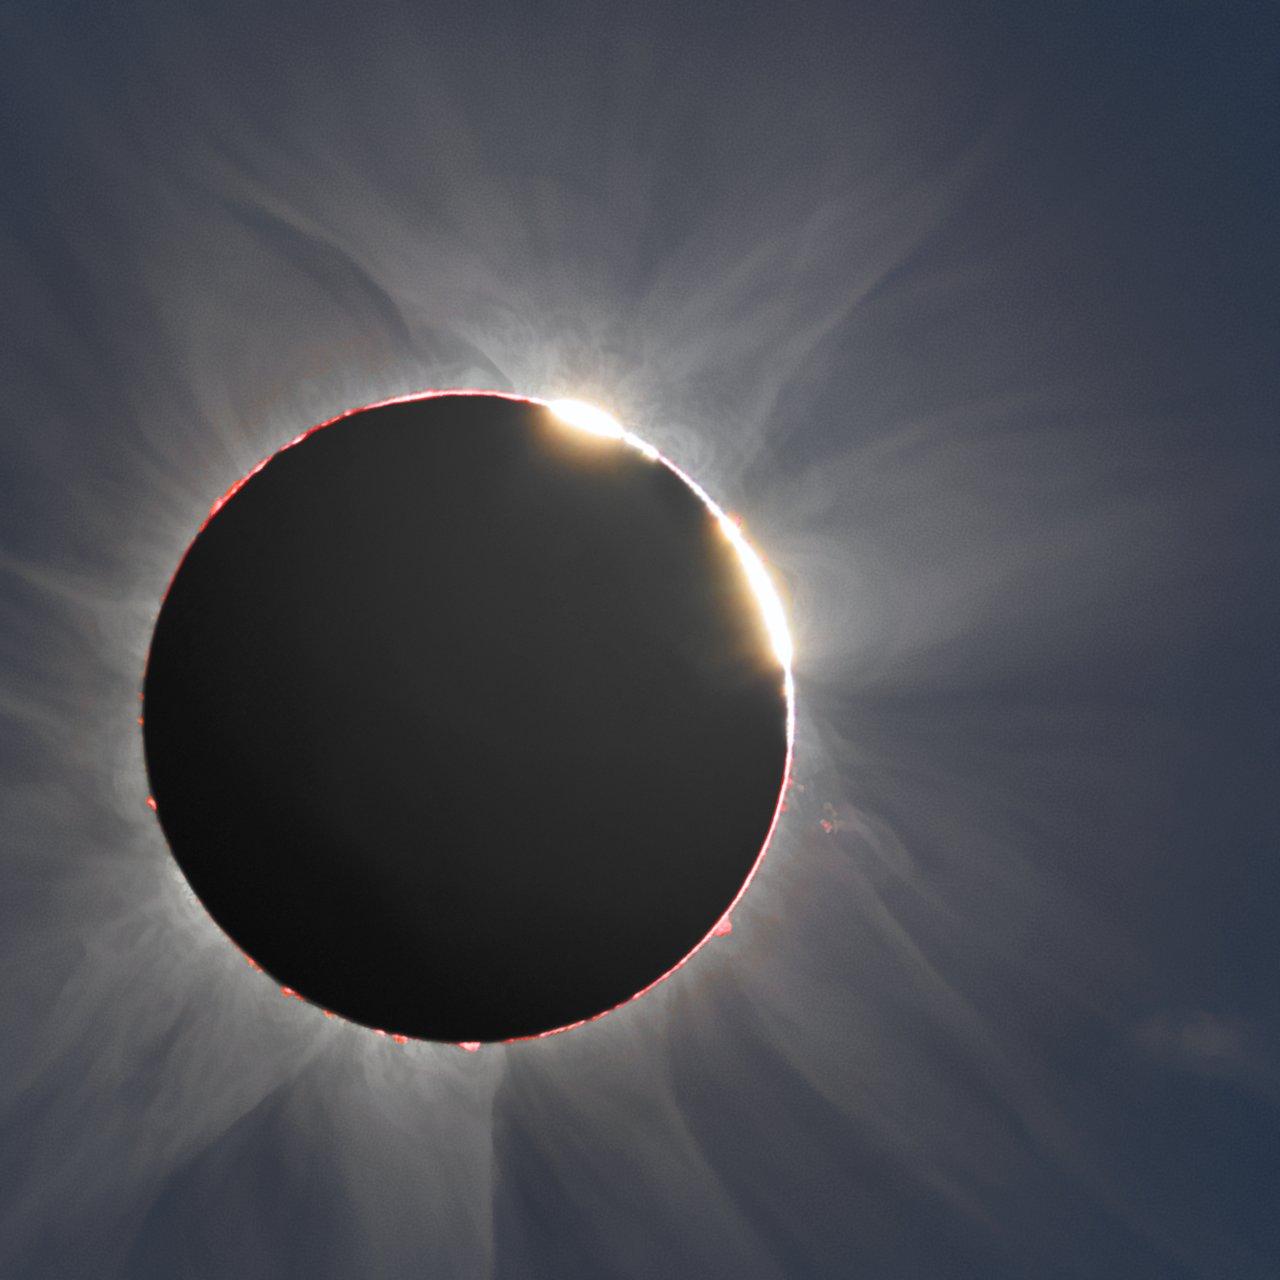 2019 Total Solar Eclipse Event at ESO's La Silla Observatory